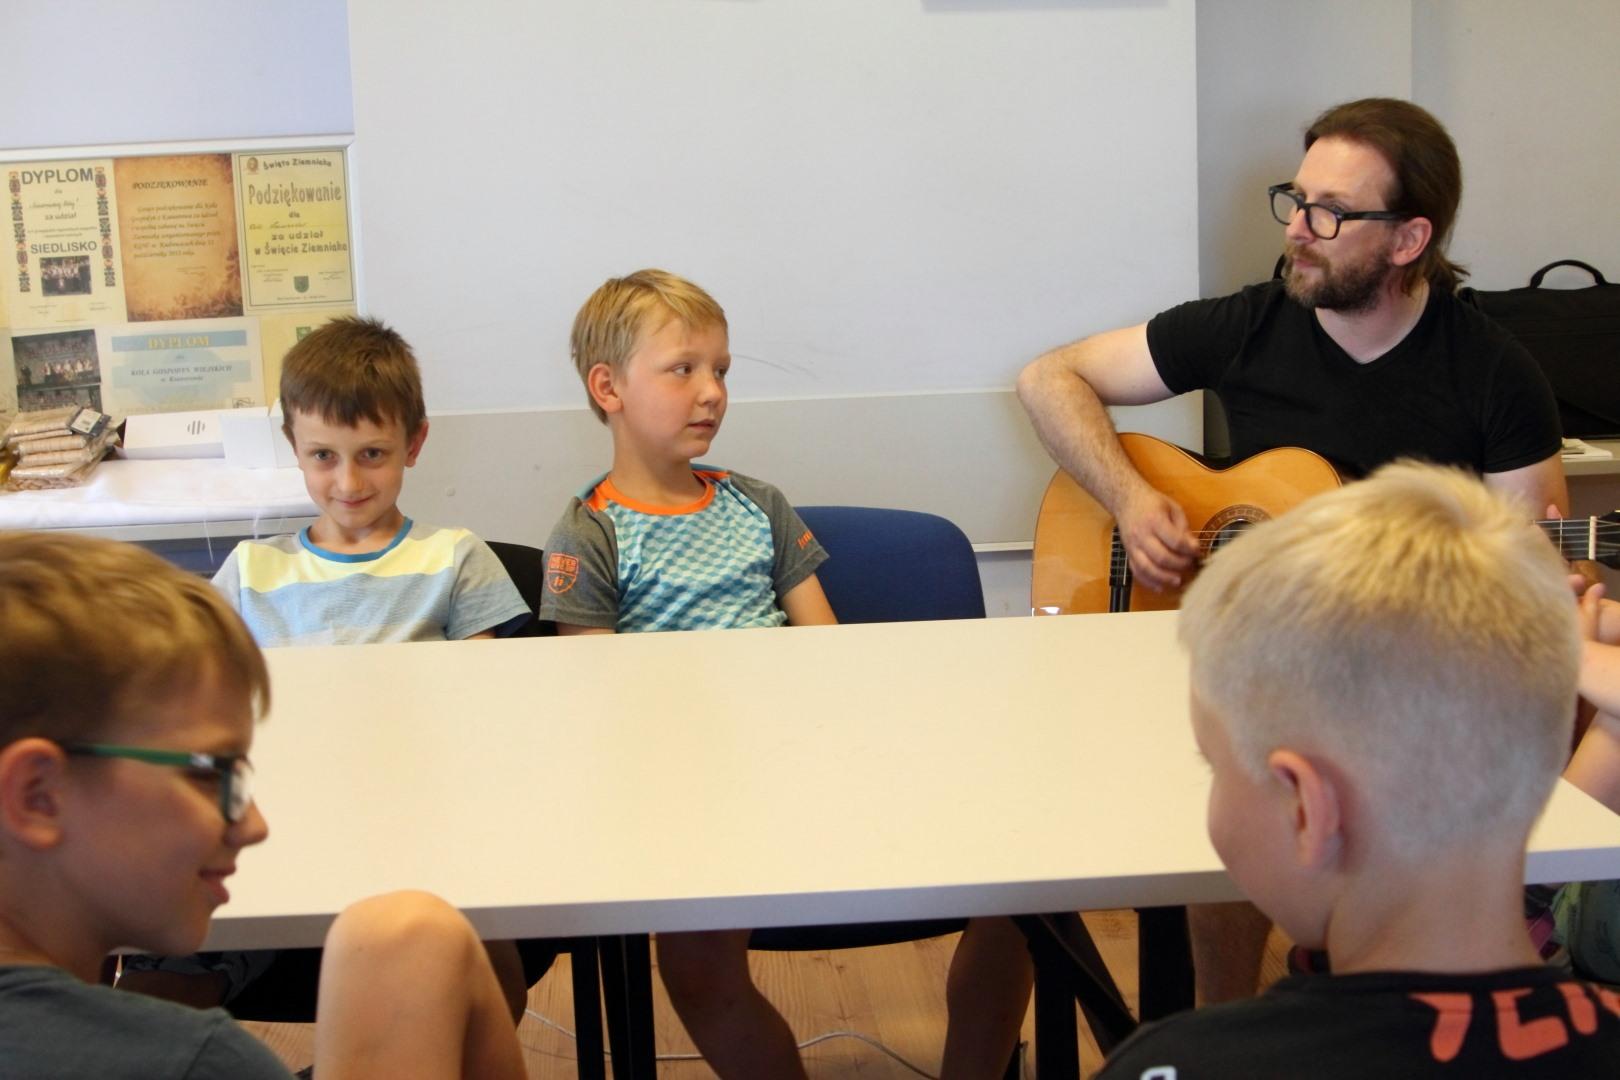 na zdjęciu czterech chłopców siedzących w sali przy stole słuchających jak mężczyzna gra na gitarze.